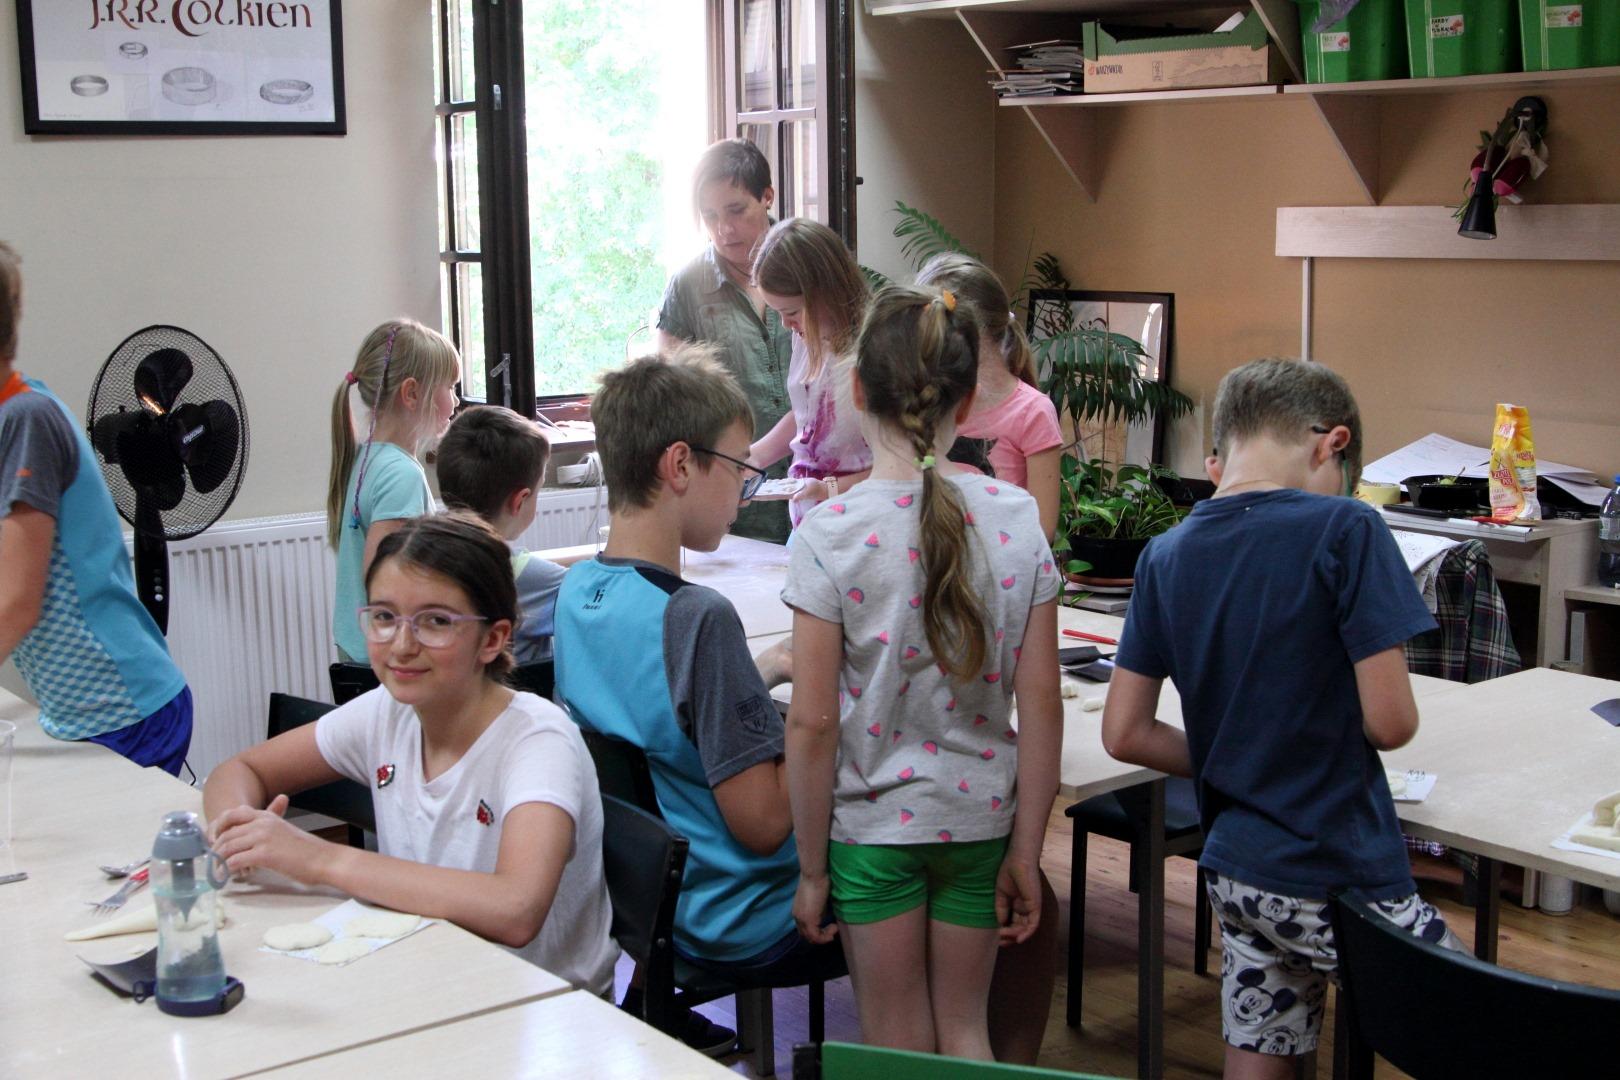 Grupa dzieci w pracowni plastycznej siedzące przy stolikach